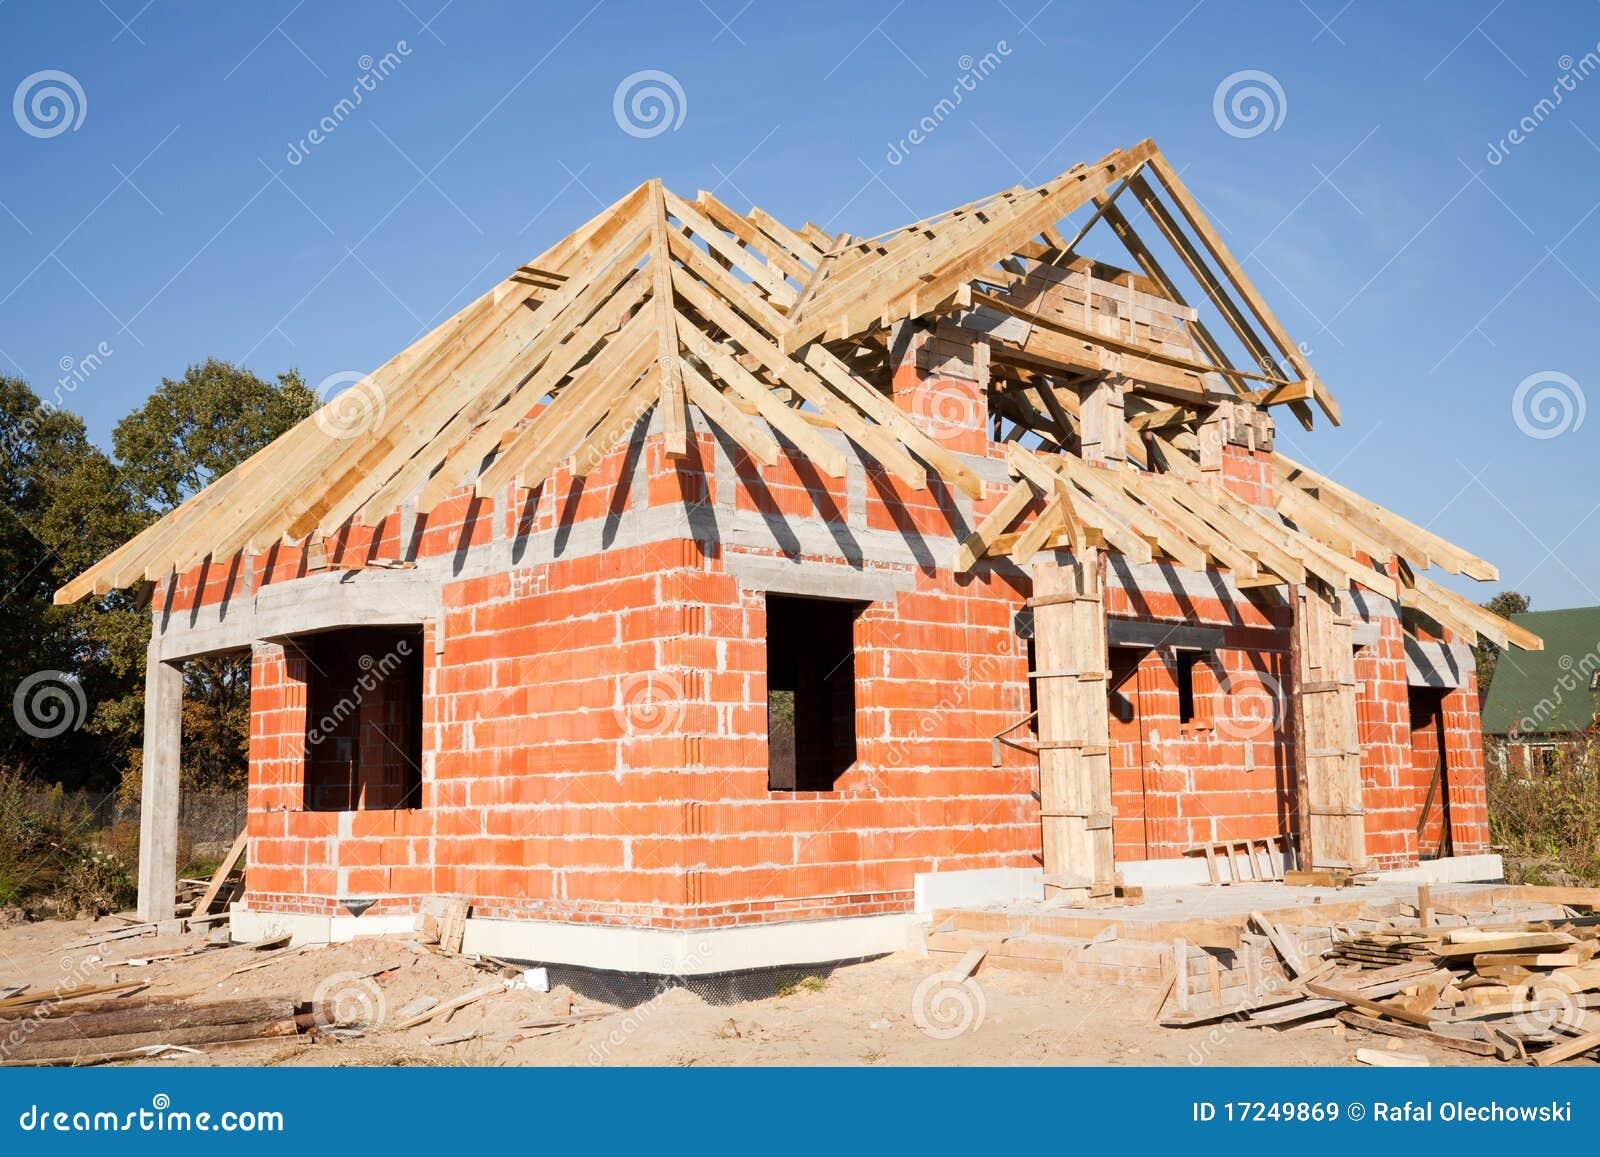 Крыша своими руками односкатная